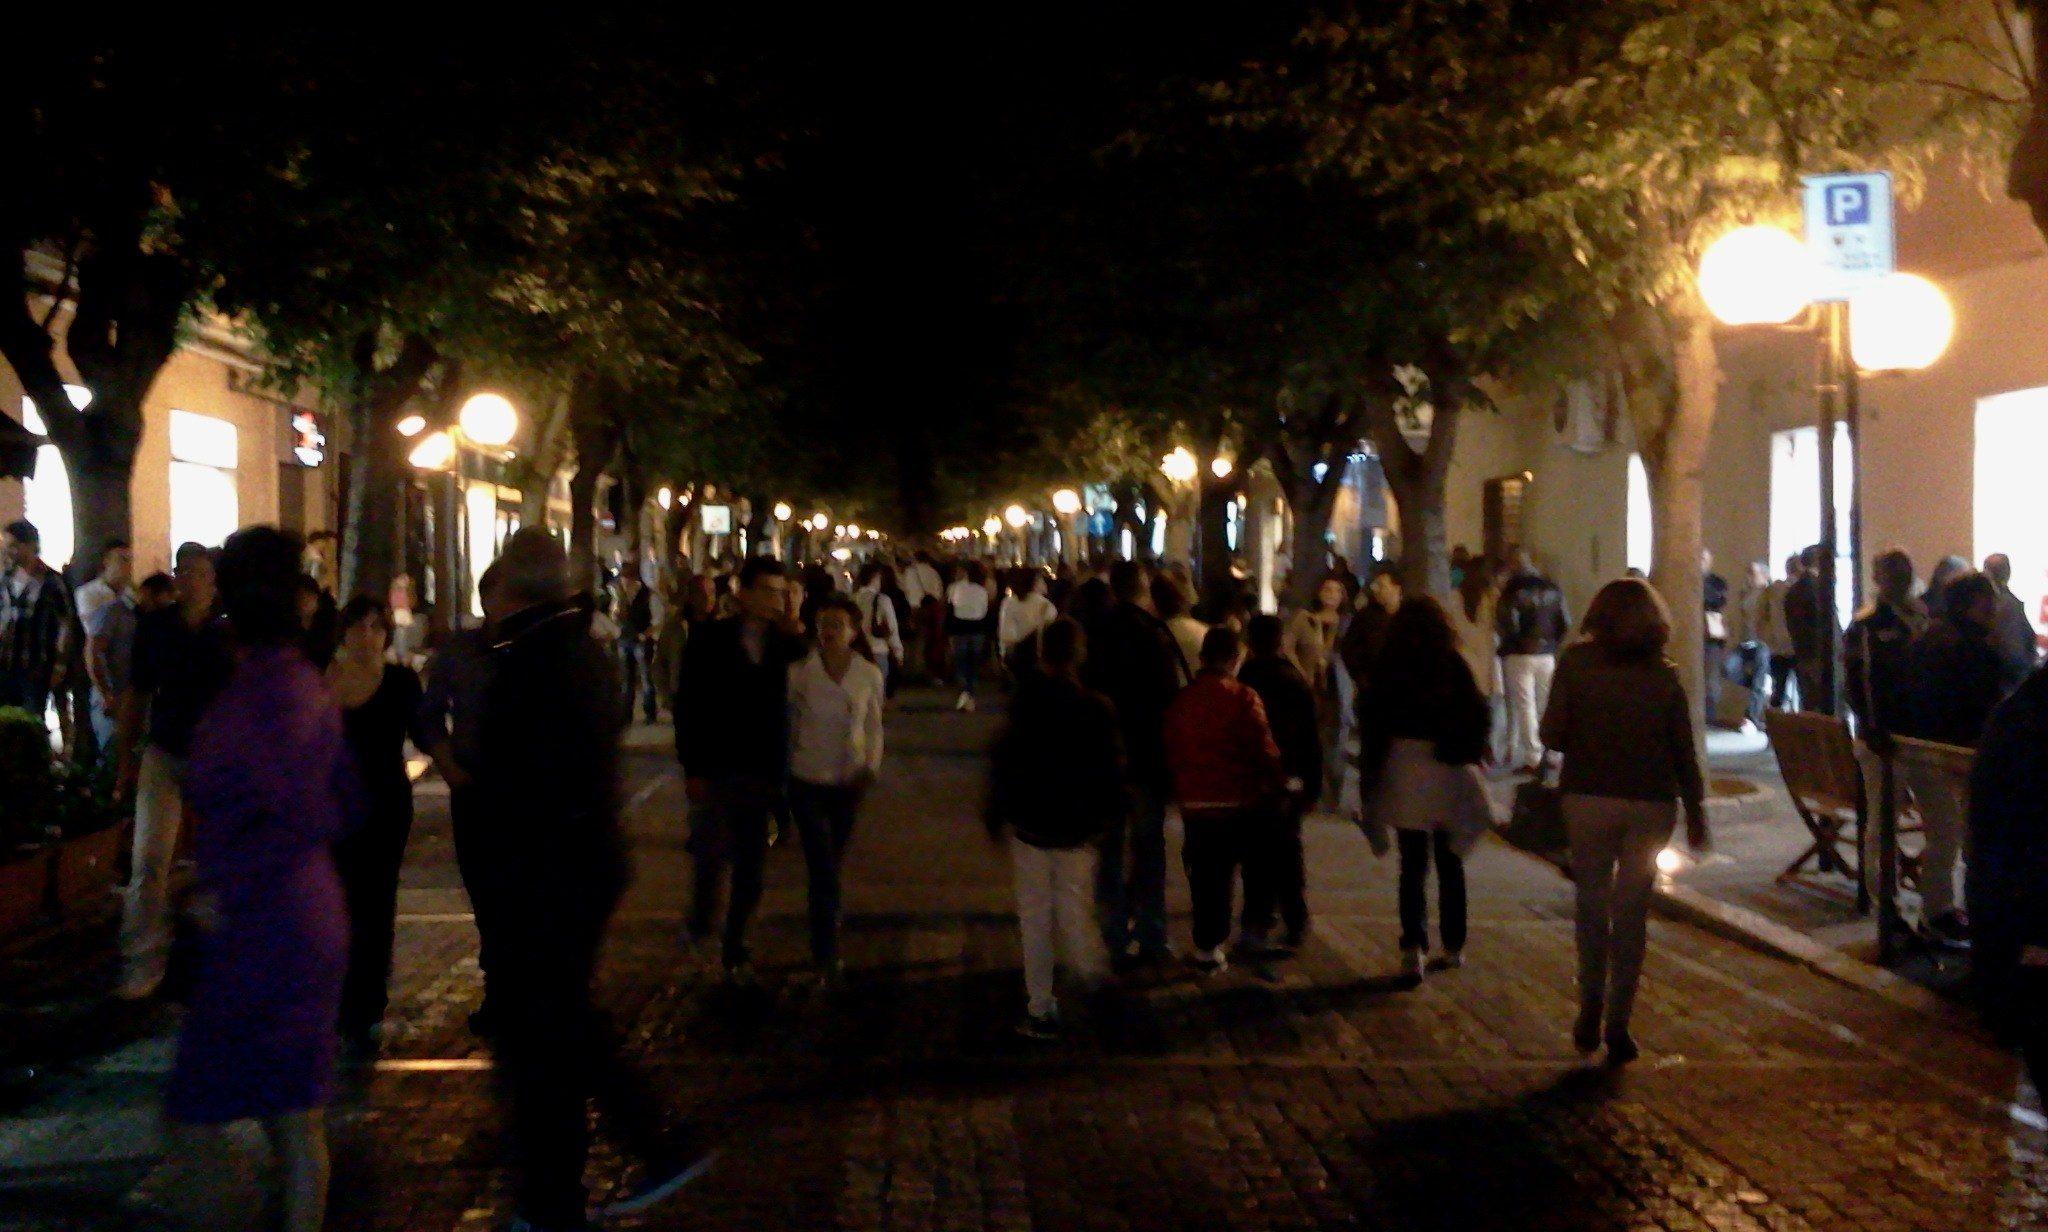 Notte di via Avezzano